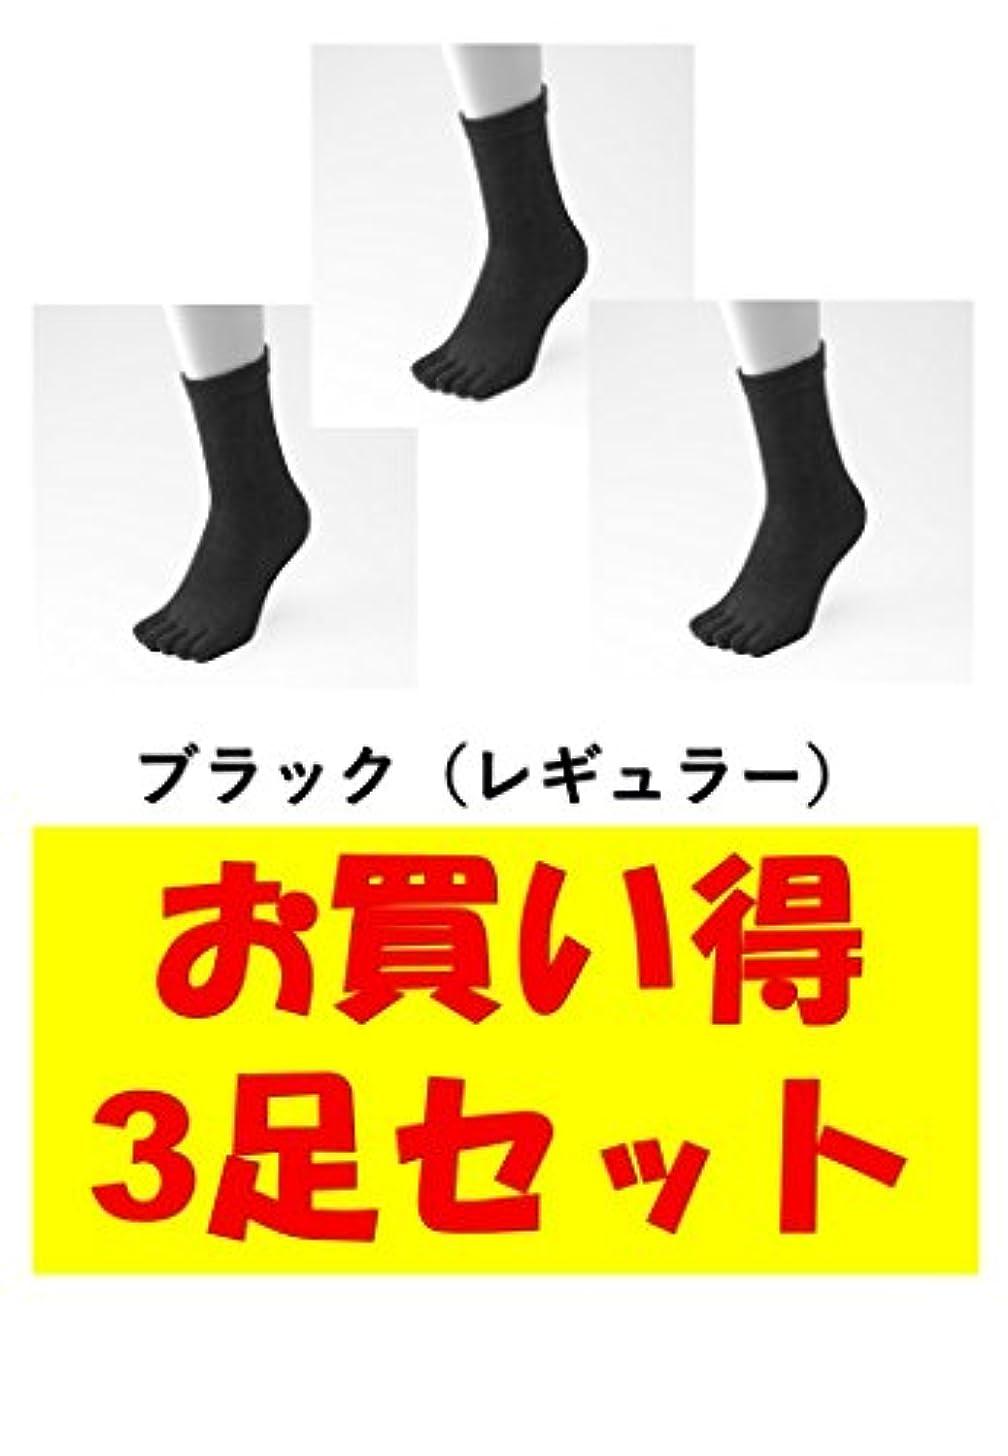 木曜日ビーム特異なお買い得3足セット 5本指 ゆびのばソックス ゆびのばレギュラー ブラック 女性用 22.0cm-25.5cm HSREGR-BLK